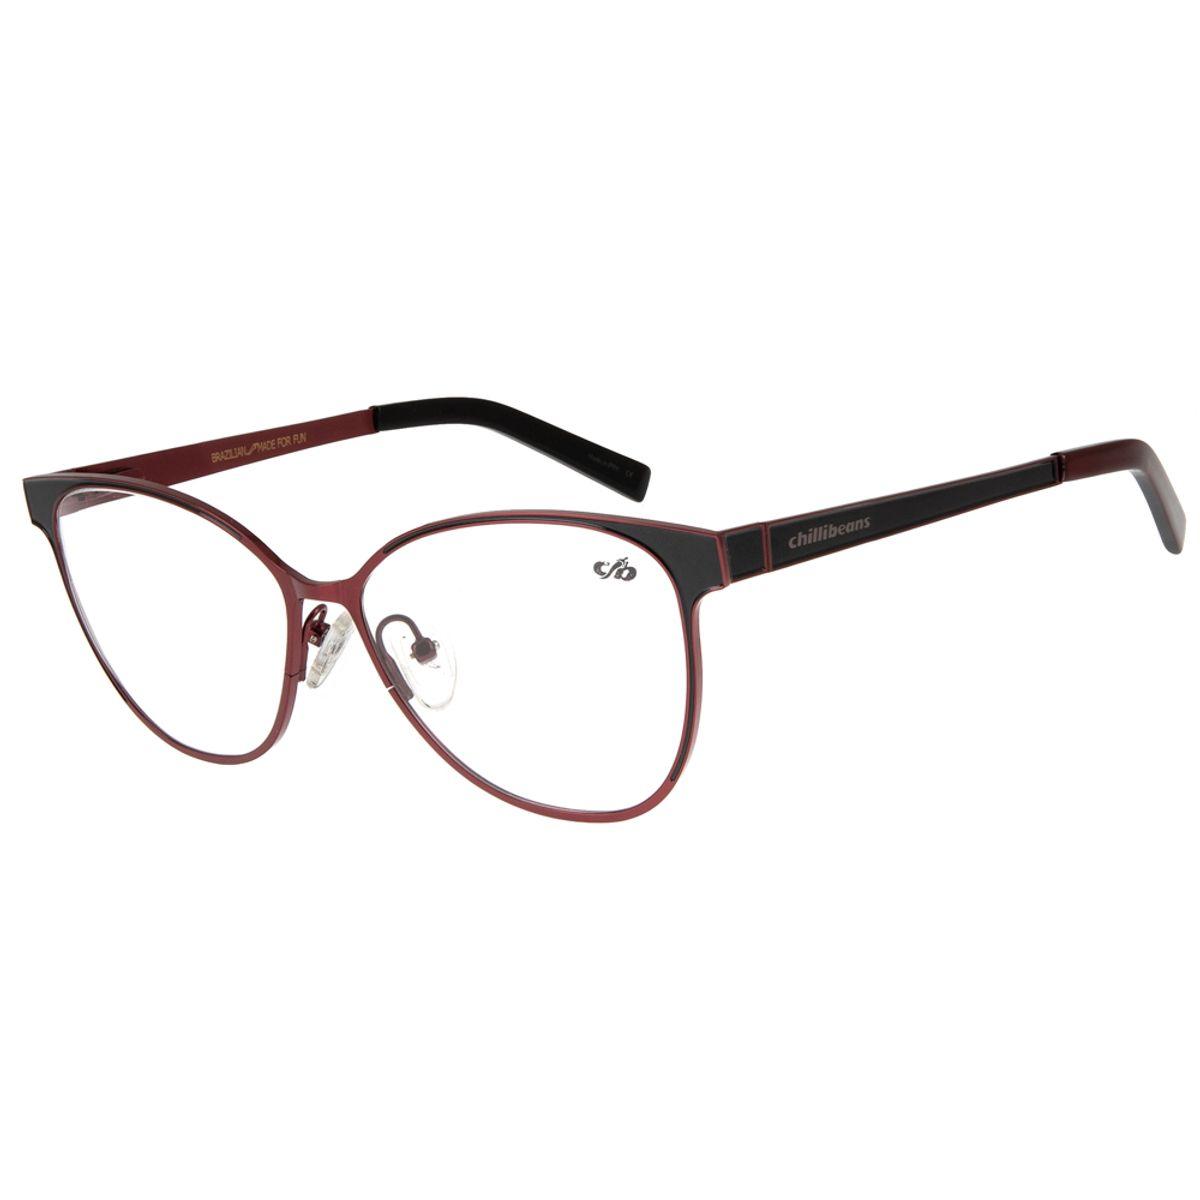 e1194d608 armacao para oculos de grau chilli beans feminino metal vinho 0311 ...